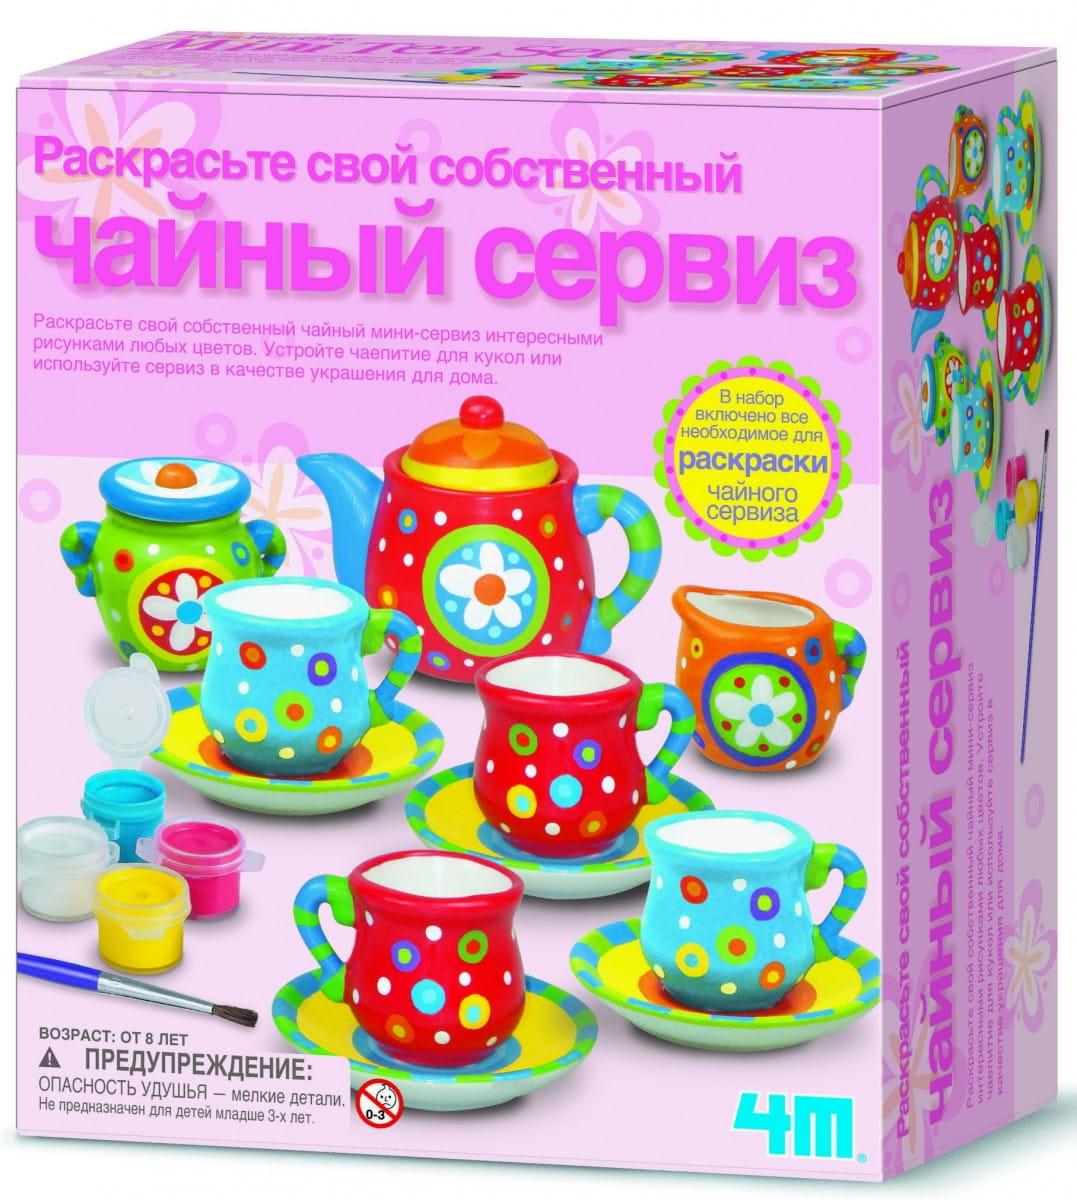 Игровой набор 4M 00-04541 Чайный сервиз